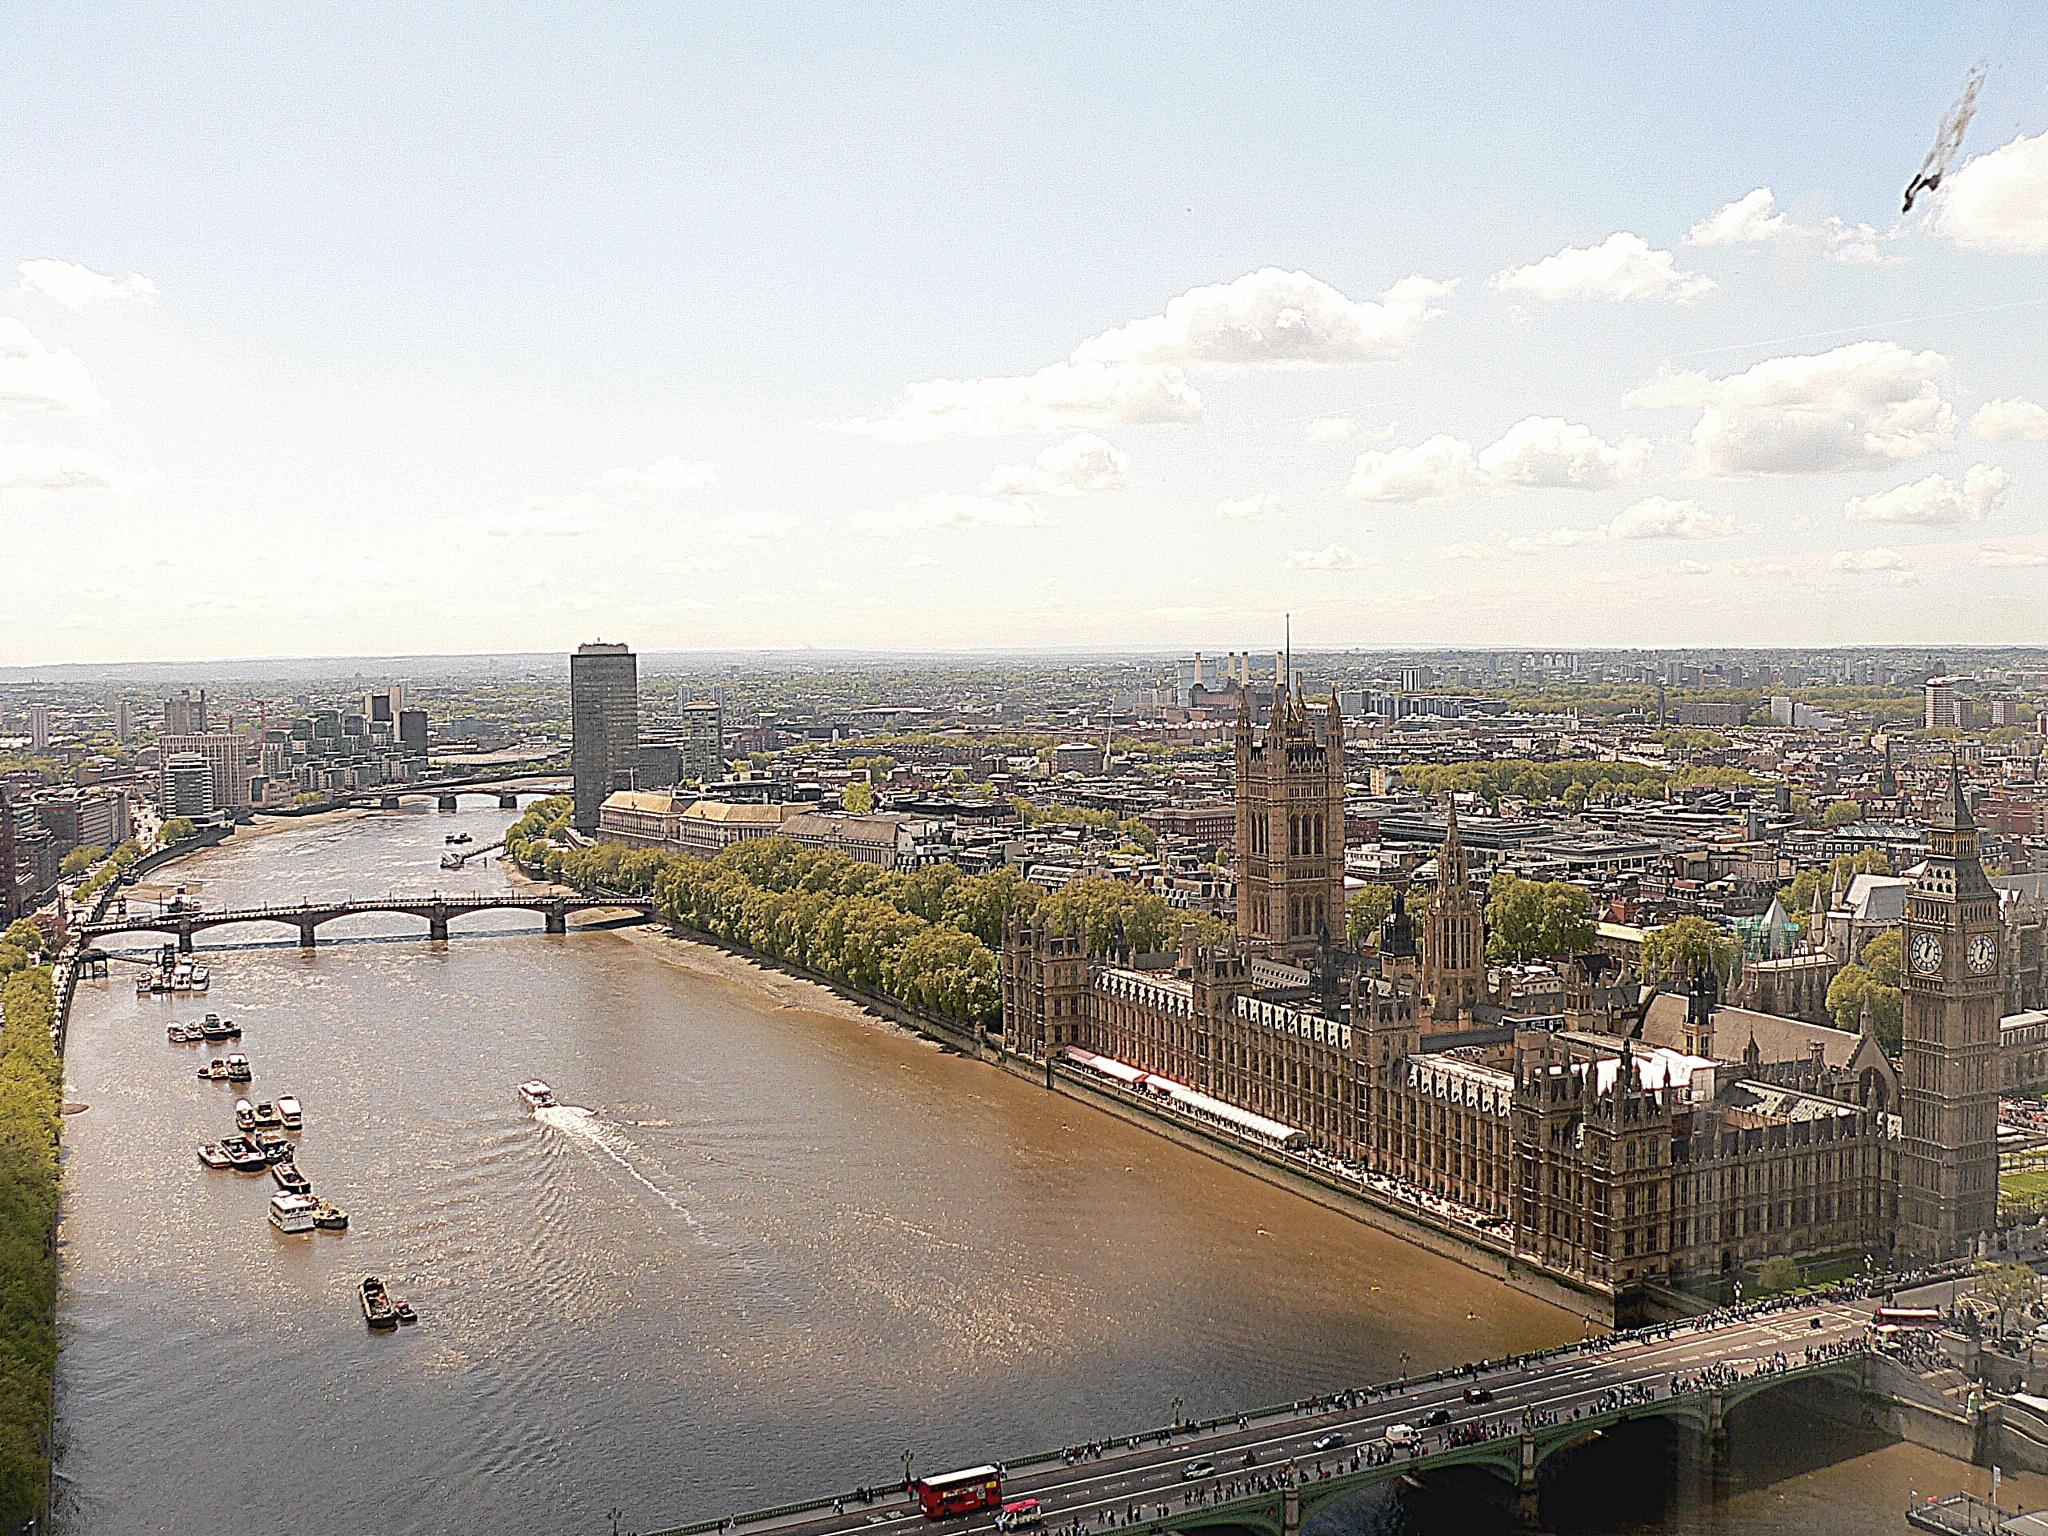 London by Fankefrancesco